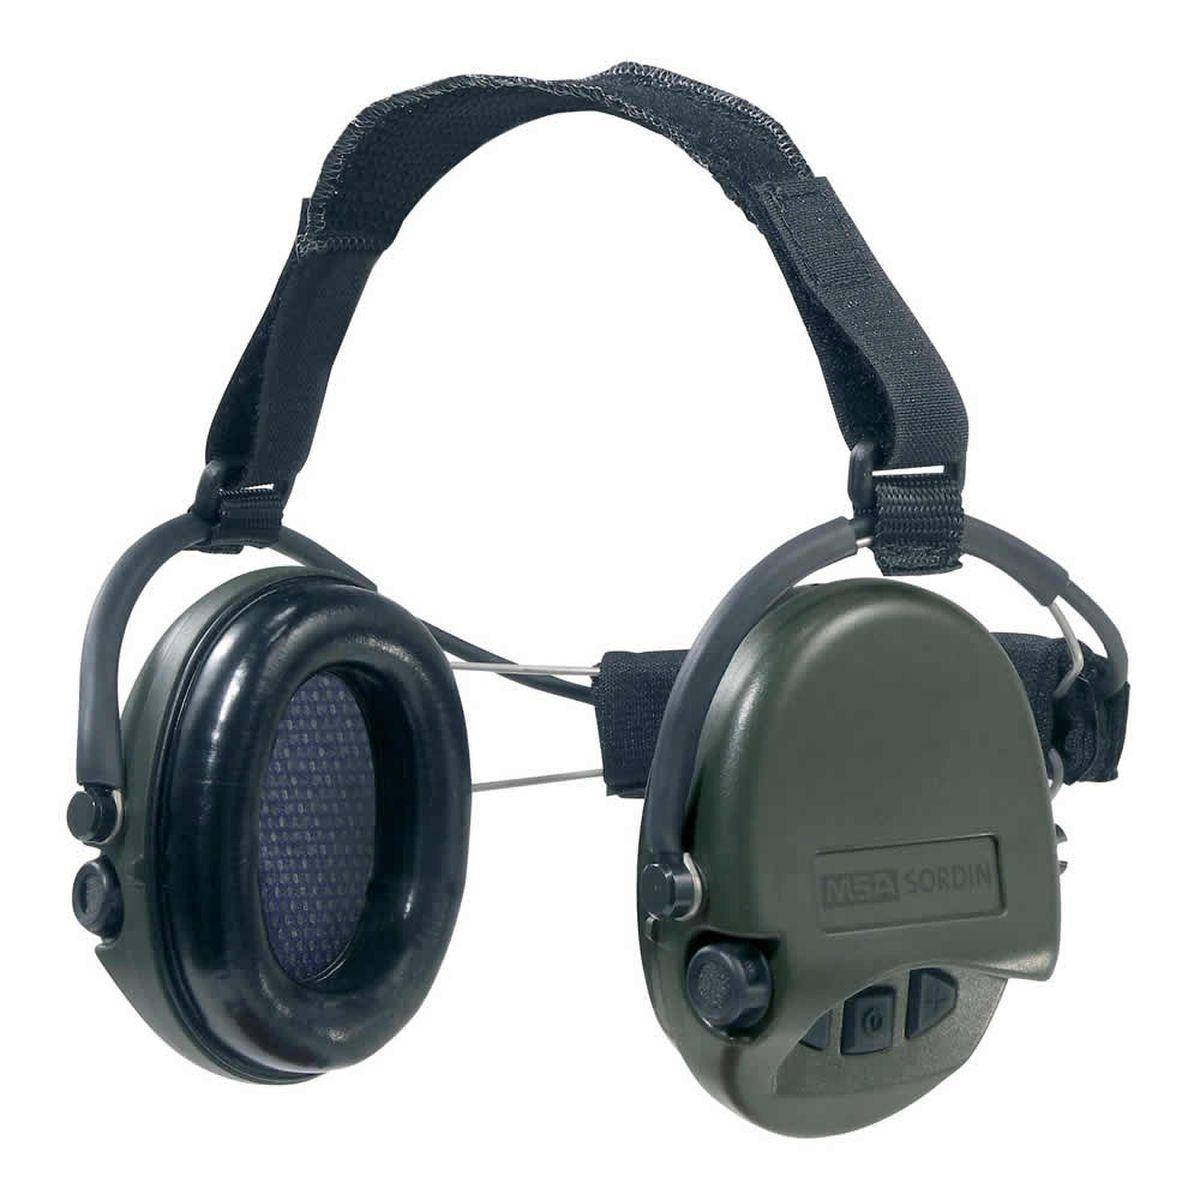 Наушники для стрельбы MSA Sordin Supreme Pro Neckband, активныеSOR76302Главное отличие этой модели возможность использовать с шлемом или другим головным убором. Активные наушники для стрельбы и охоты. Цвет ушных чашек – хаки. Усиливают слабый звук в 4 раза до 27 Дц и уменьшают шум до 82 Дц. Звуковая картинка на 360° градусов, звук Stereo. Два отдельных ветро-влагозащищенных микрофона. Влагозащищенный батарейный отсек. Звуковая пауза после отсечки шумовой волны менее 0,6 сек. Широкие кнопки включения с регулировкой громкости звука – 4 положения. Складные соединительные дужки, из прочной проволочной стали, покрытой антикоррозийным лаком. Дужки отделаны кожей. Предусмотрено прослушивание аудиозаписей через плеер/телефон, но основная функция – прослушивание сообщений через переносную радиостанцию. Возможно использование PTT(двух-полосная связь). Автоматическое отключение через 4 часа после начала использования. Предупреждение звуковым сигналом за 40 часов о низком заряде батареи. В комплекте две батарейки ААА, разъём AUX 3,5 мм., кабель. Вес: 310 гр....